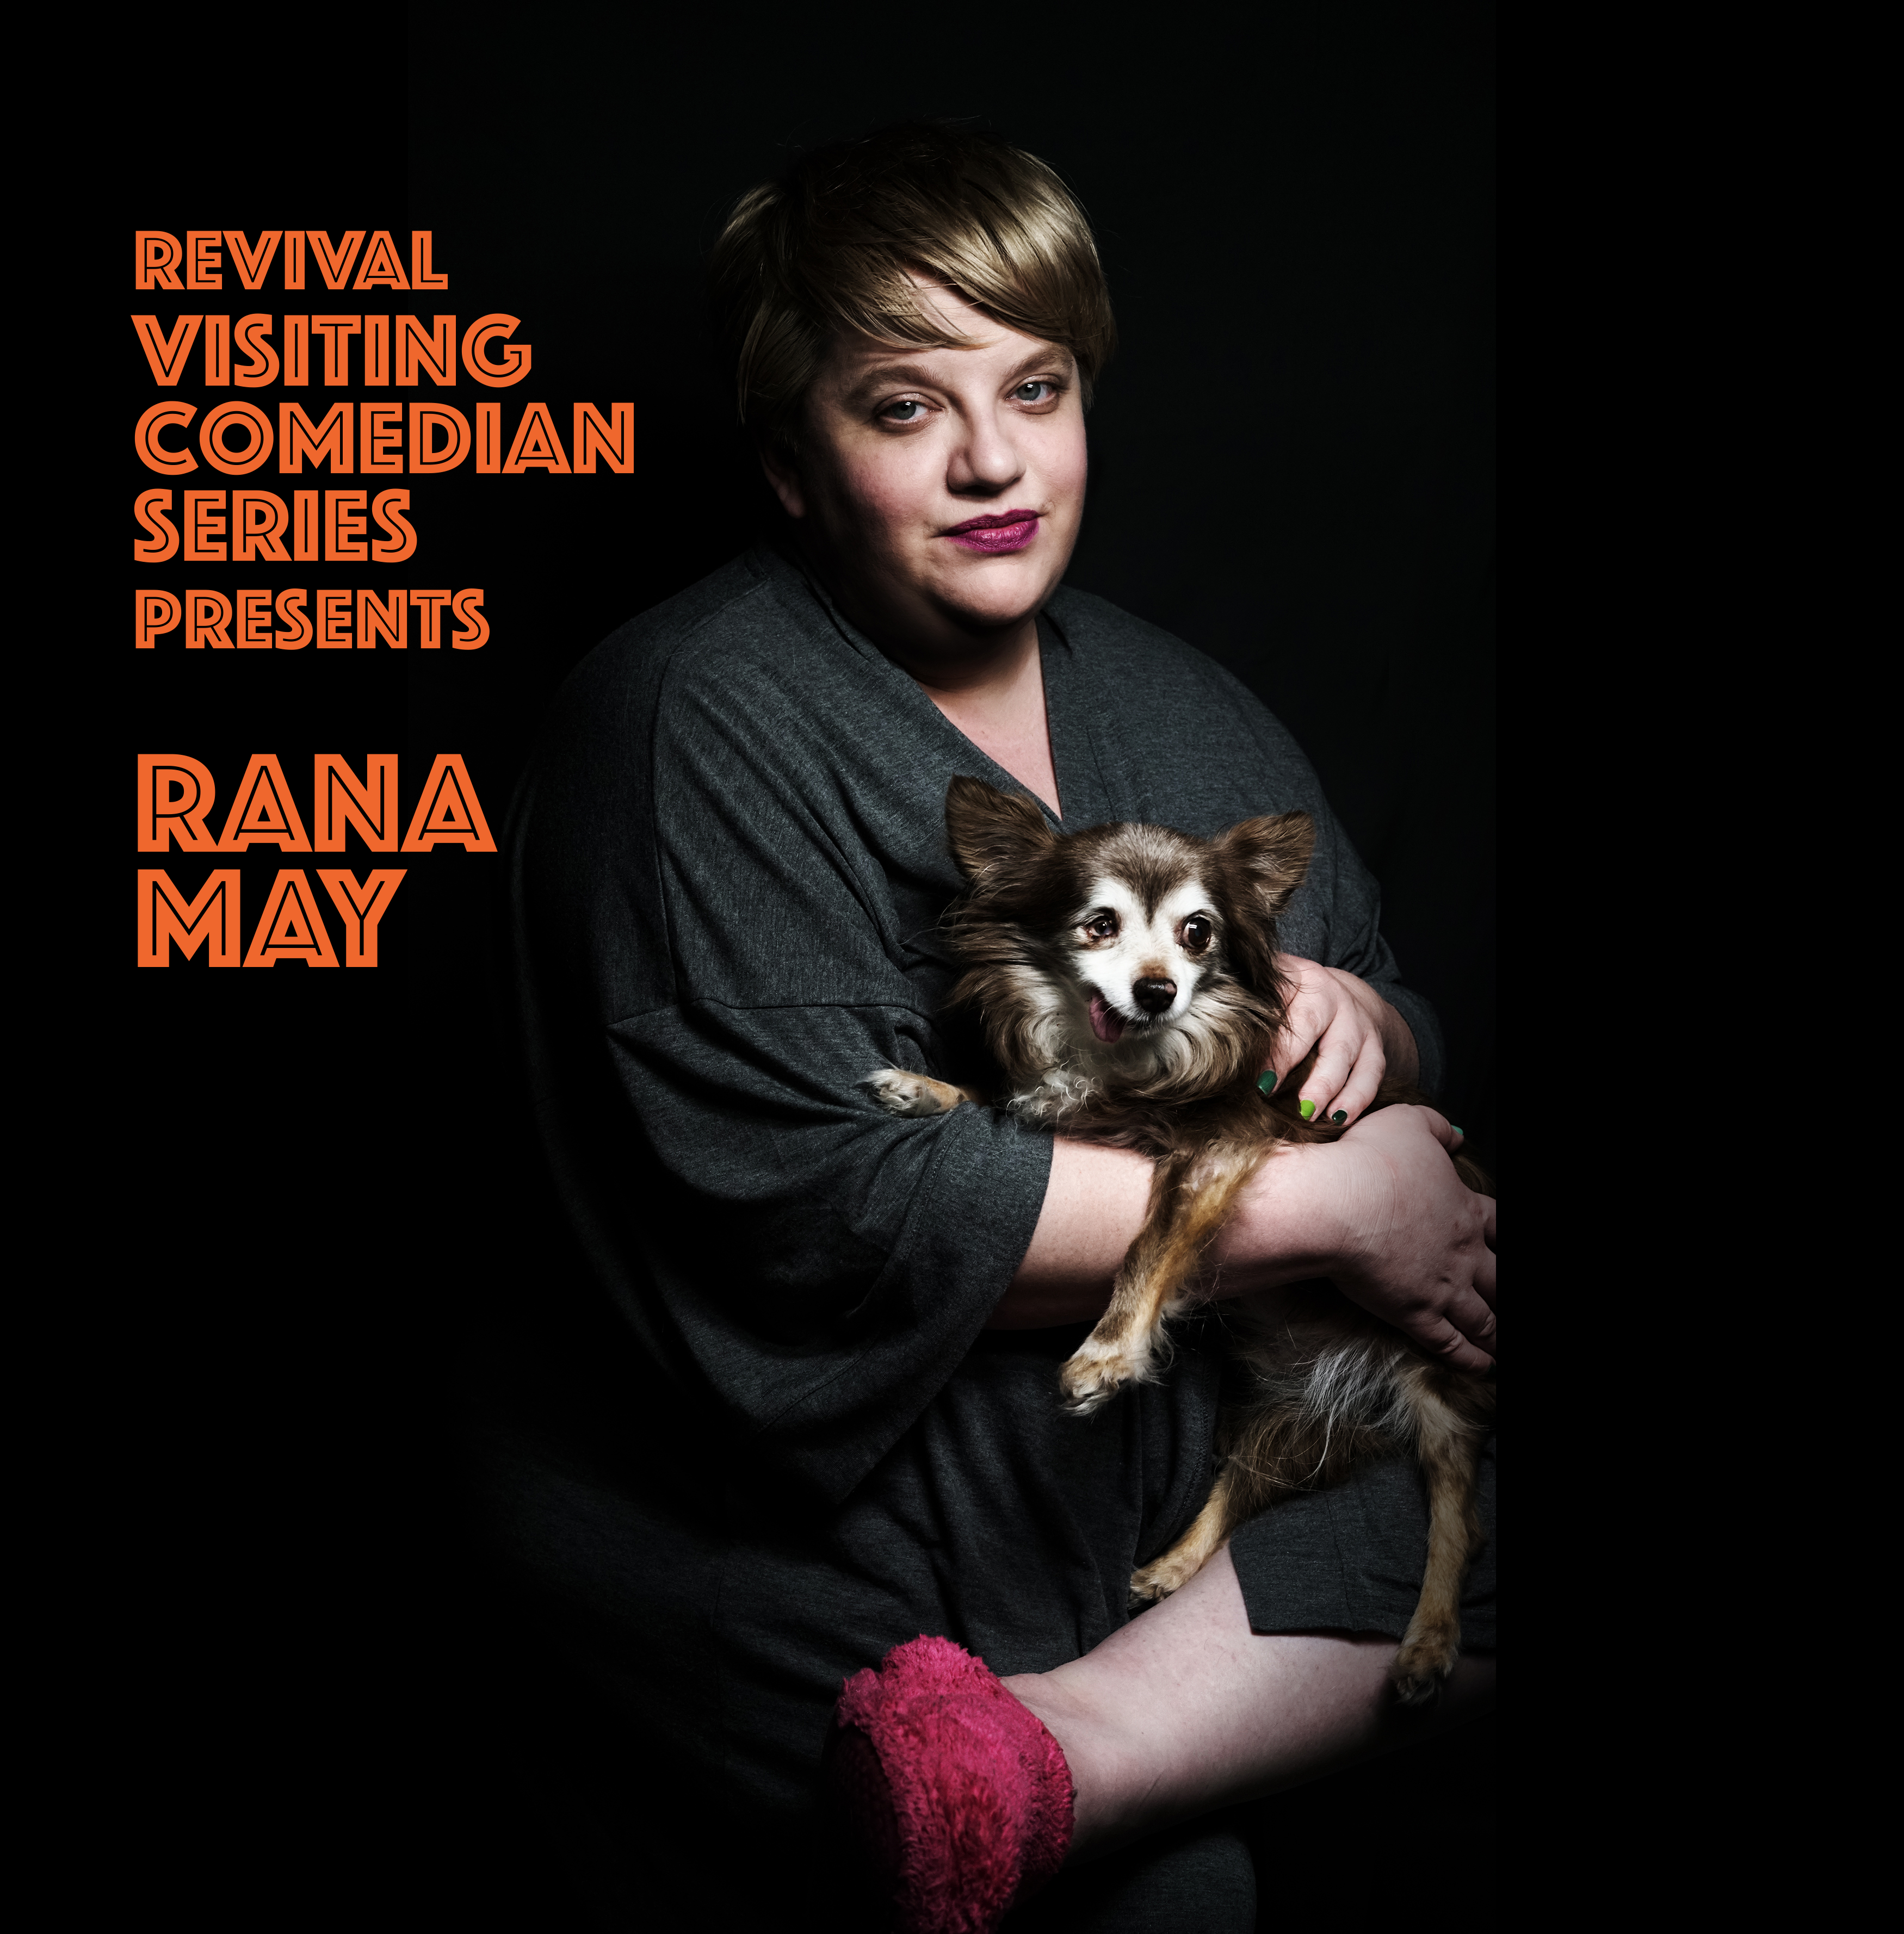 Revival Visiting Comedian Series Presents Rana May